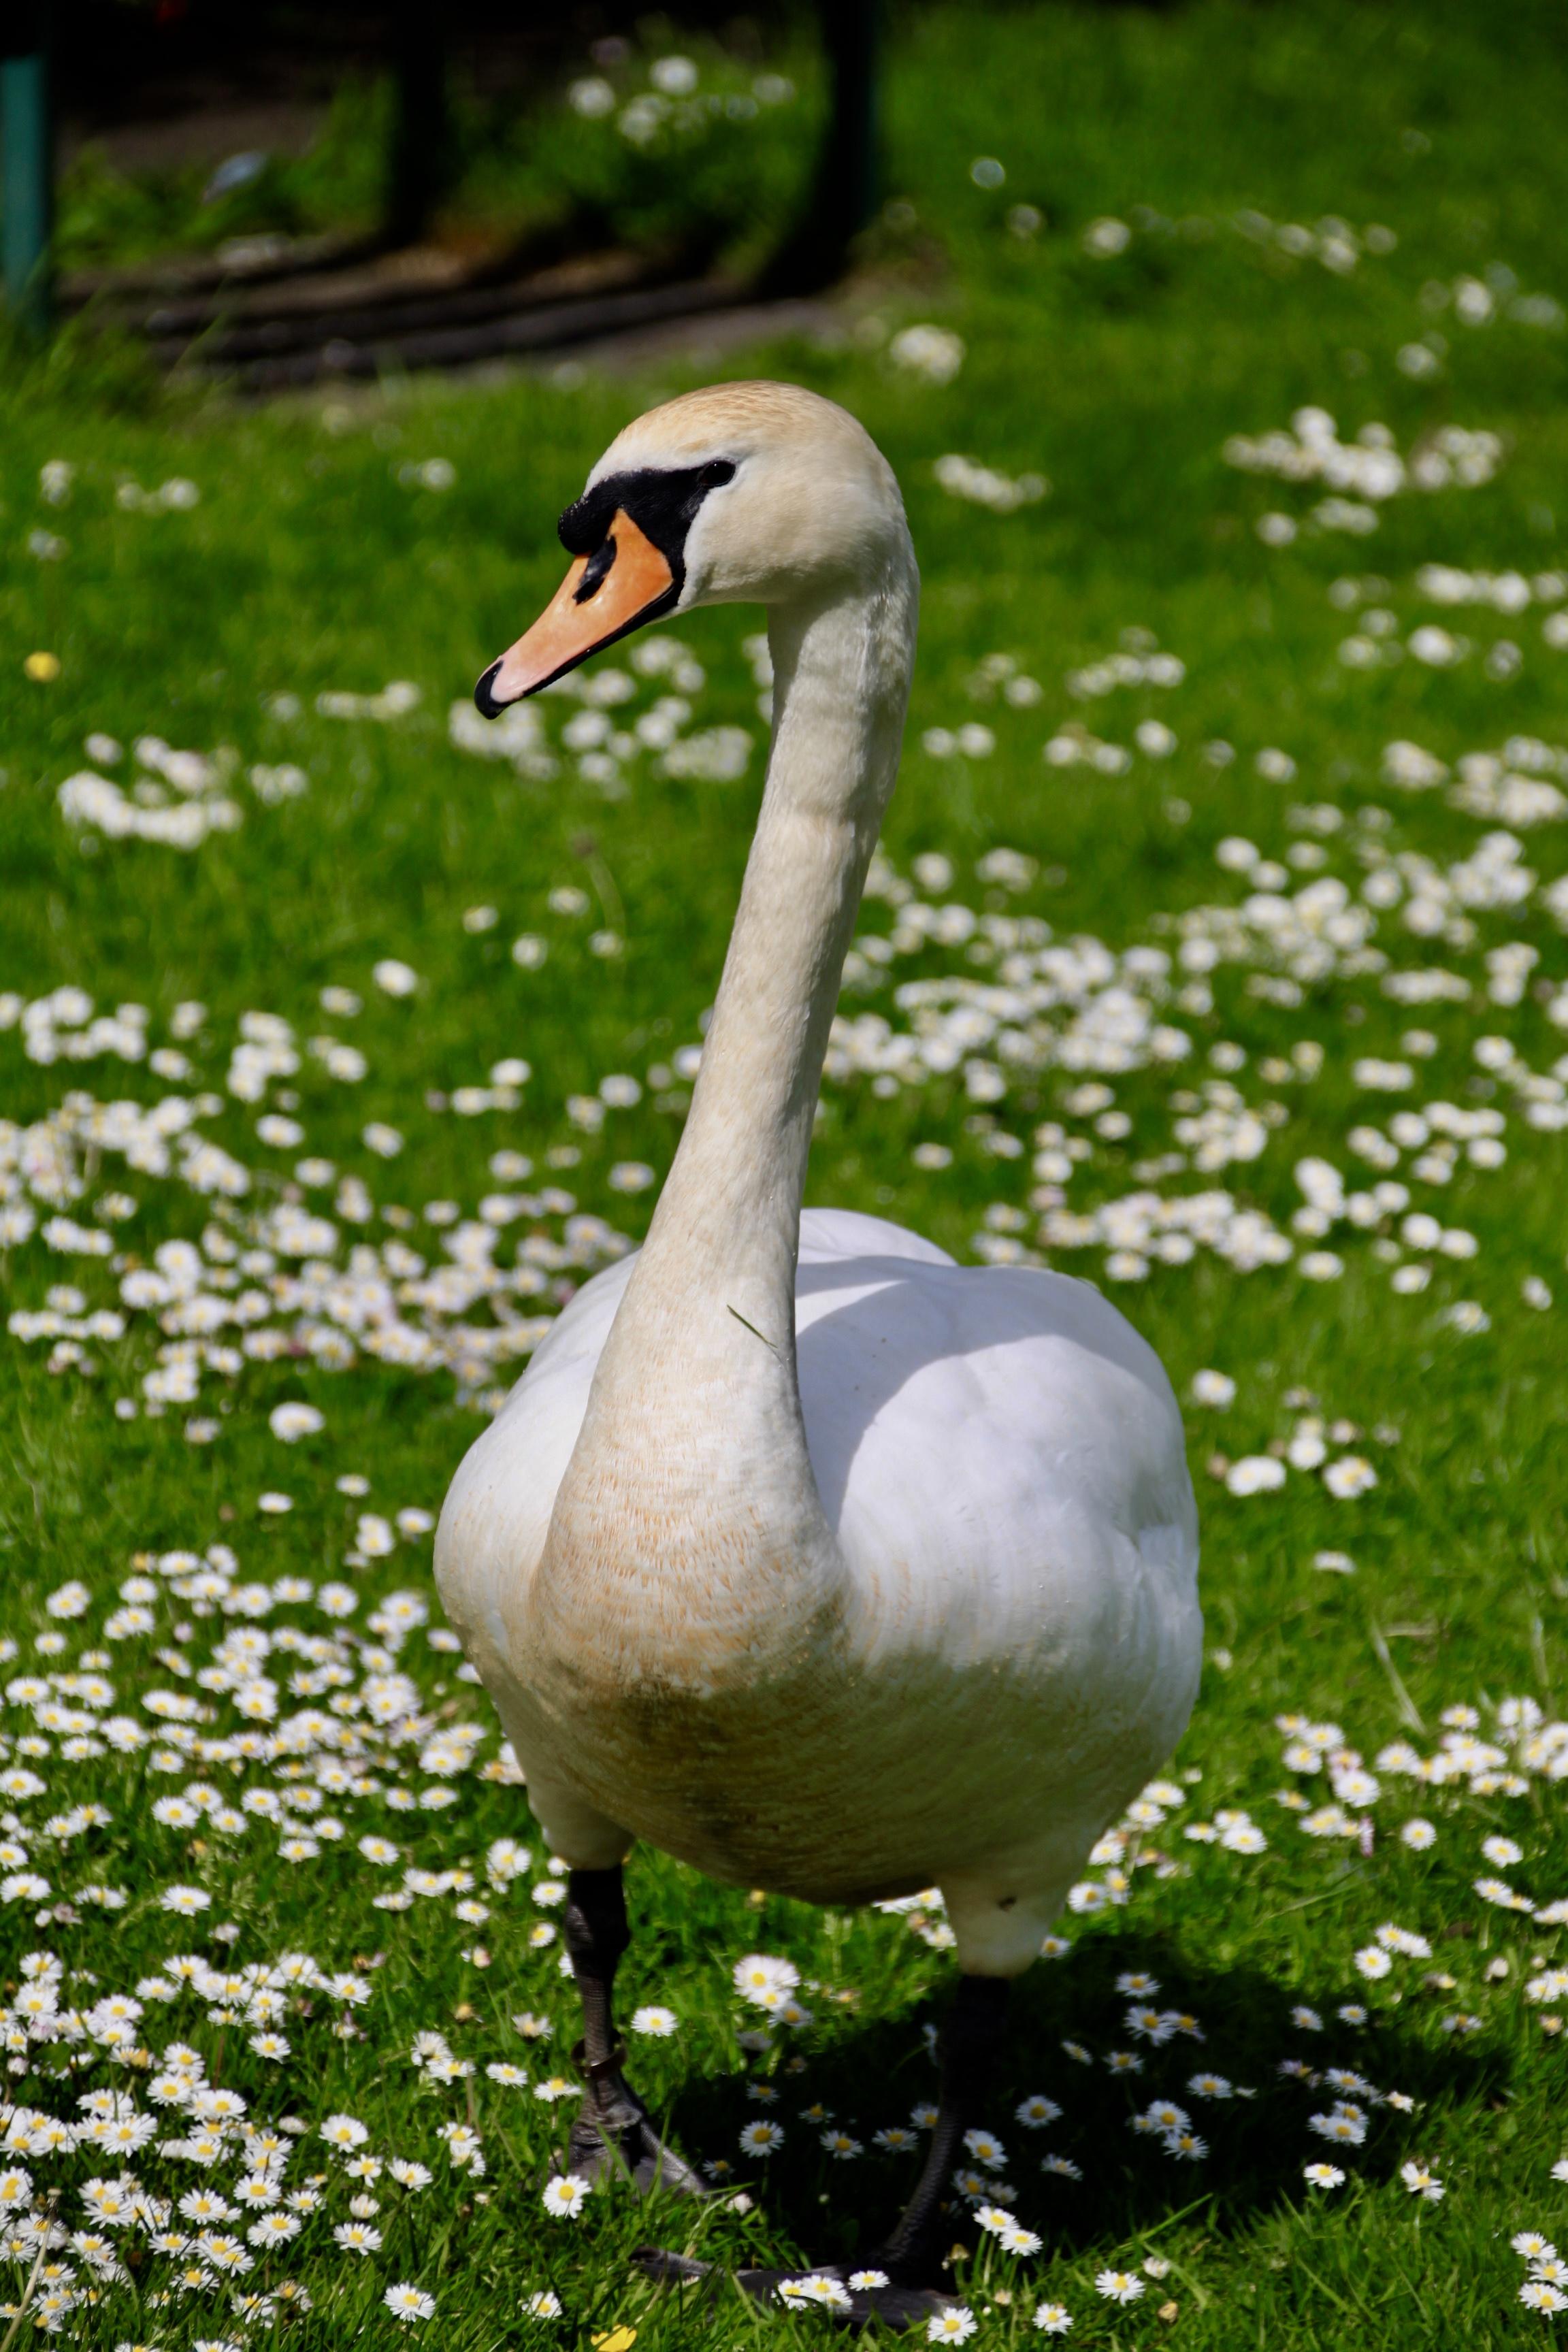 Swan by Jez Braithwaite at Broadwood Loch